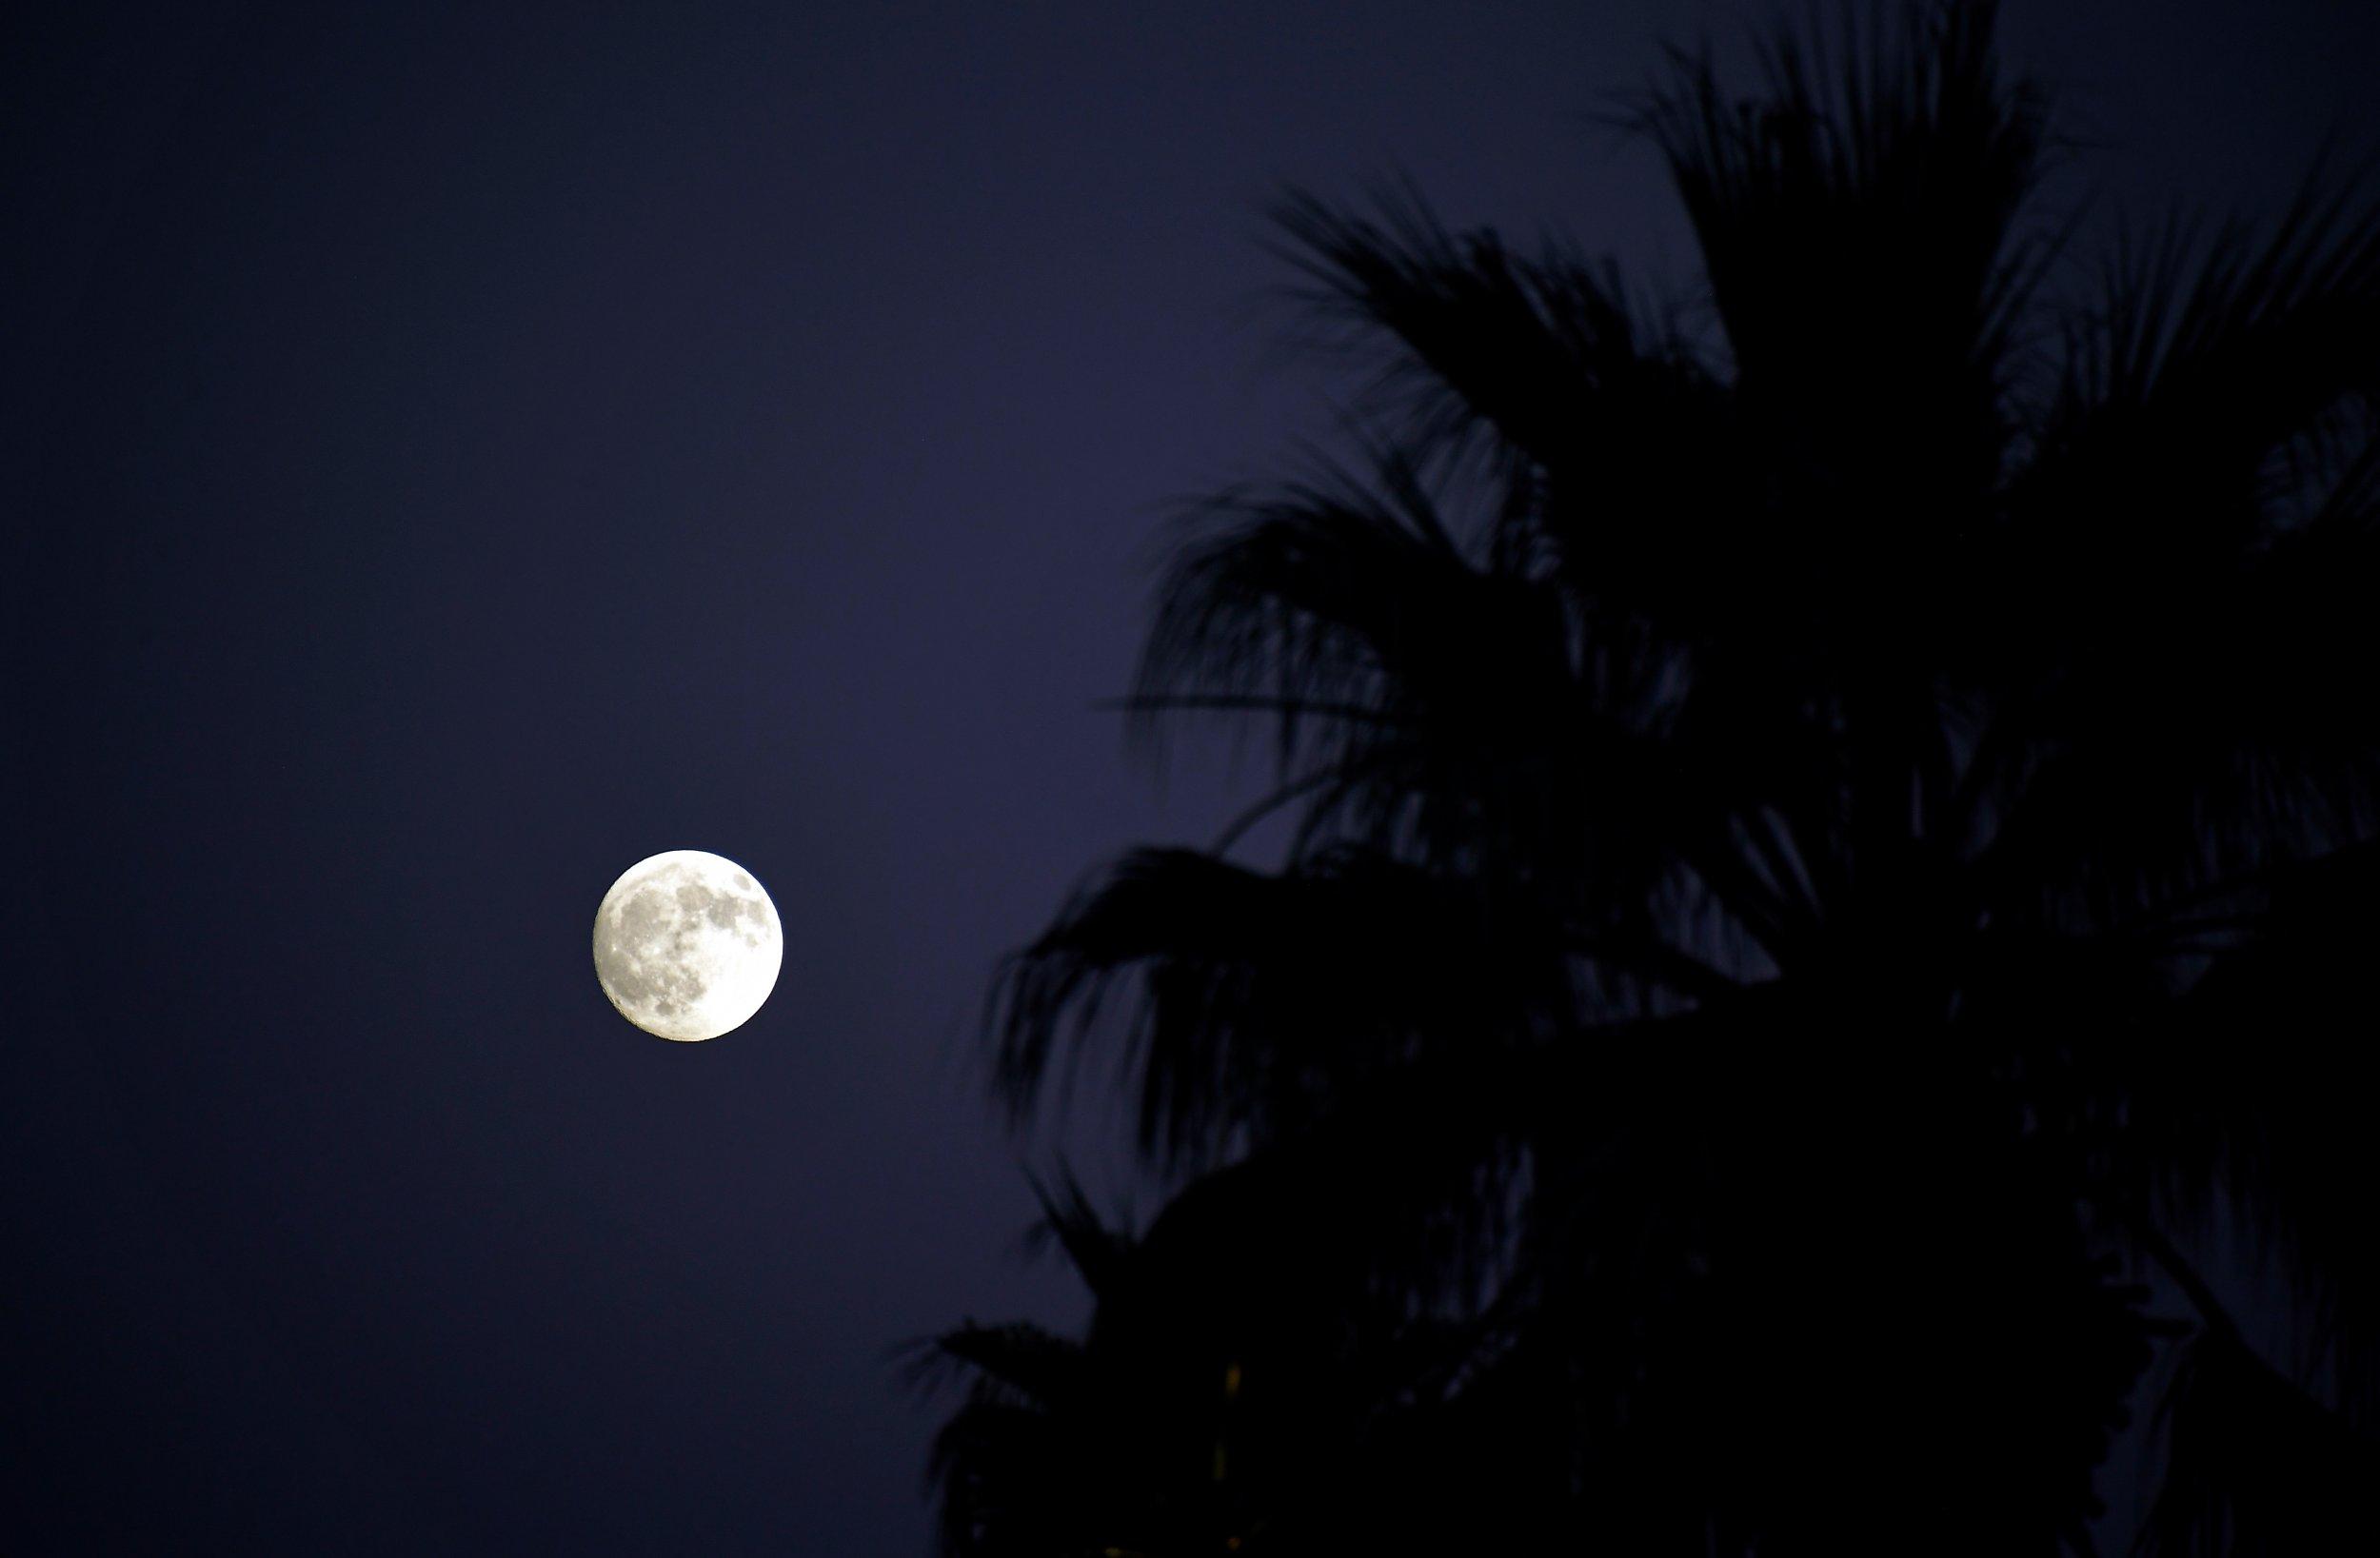 10_02_october_full_harvest_moon